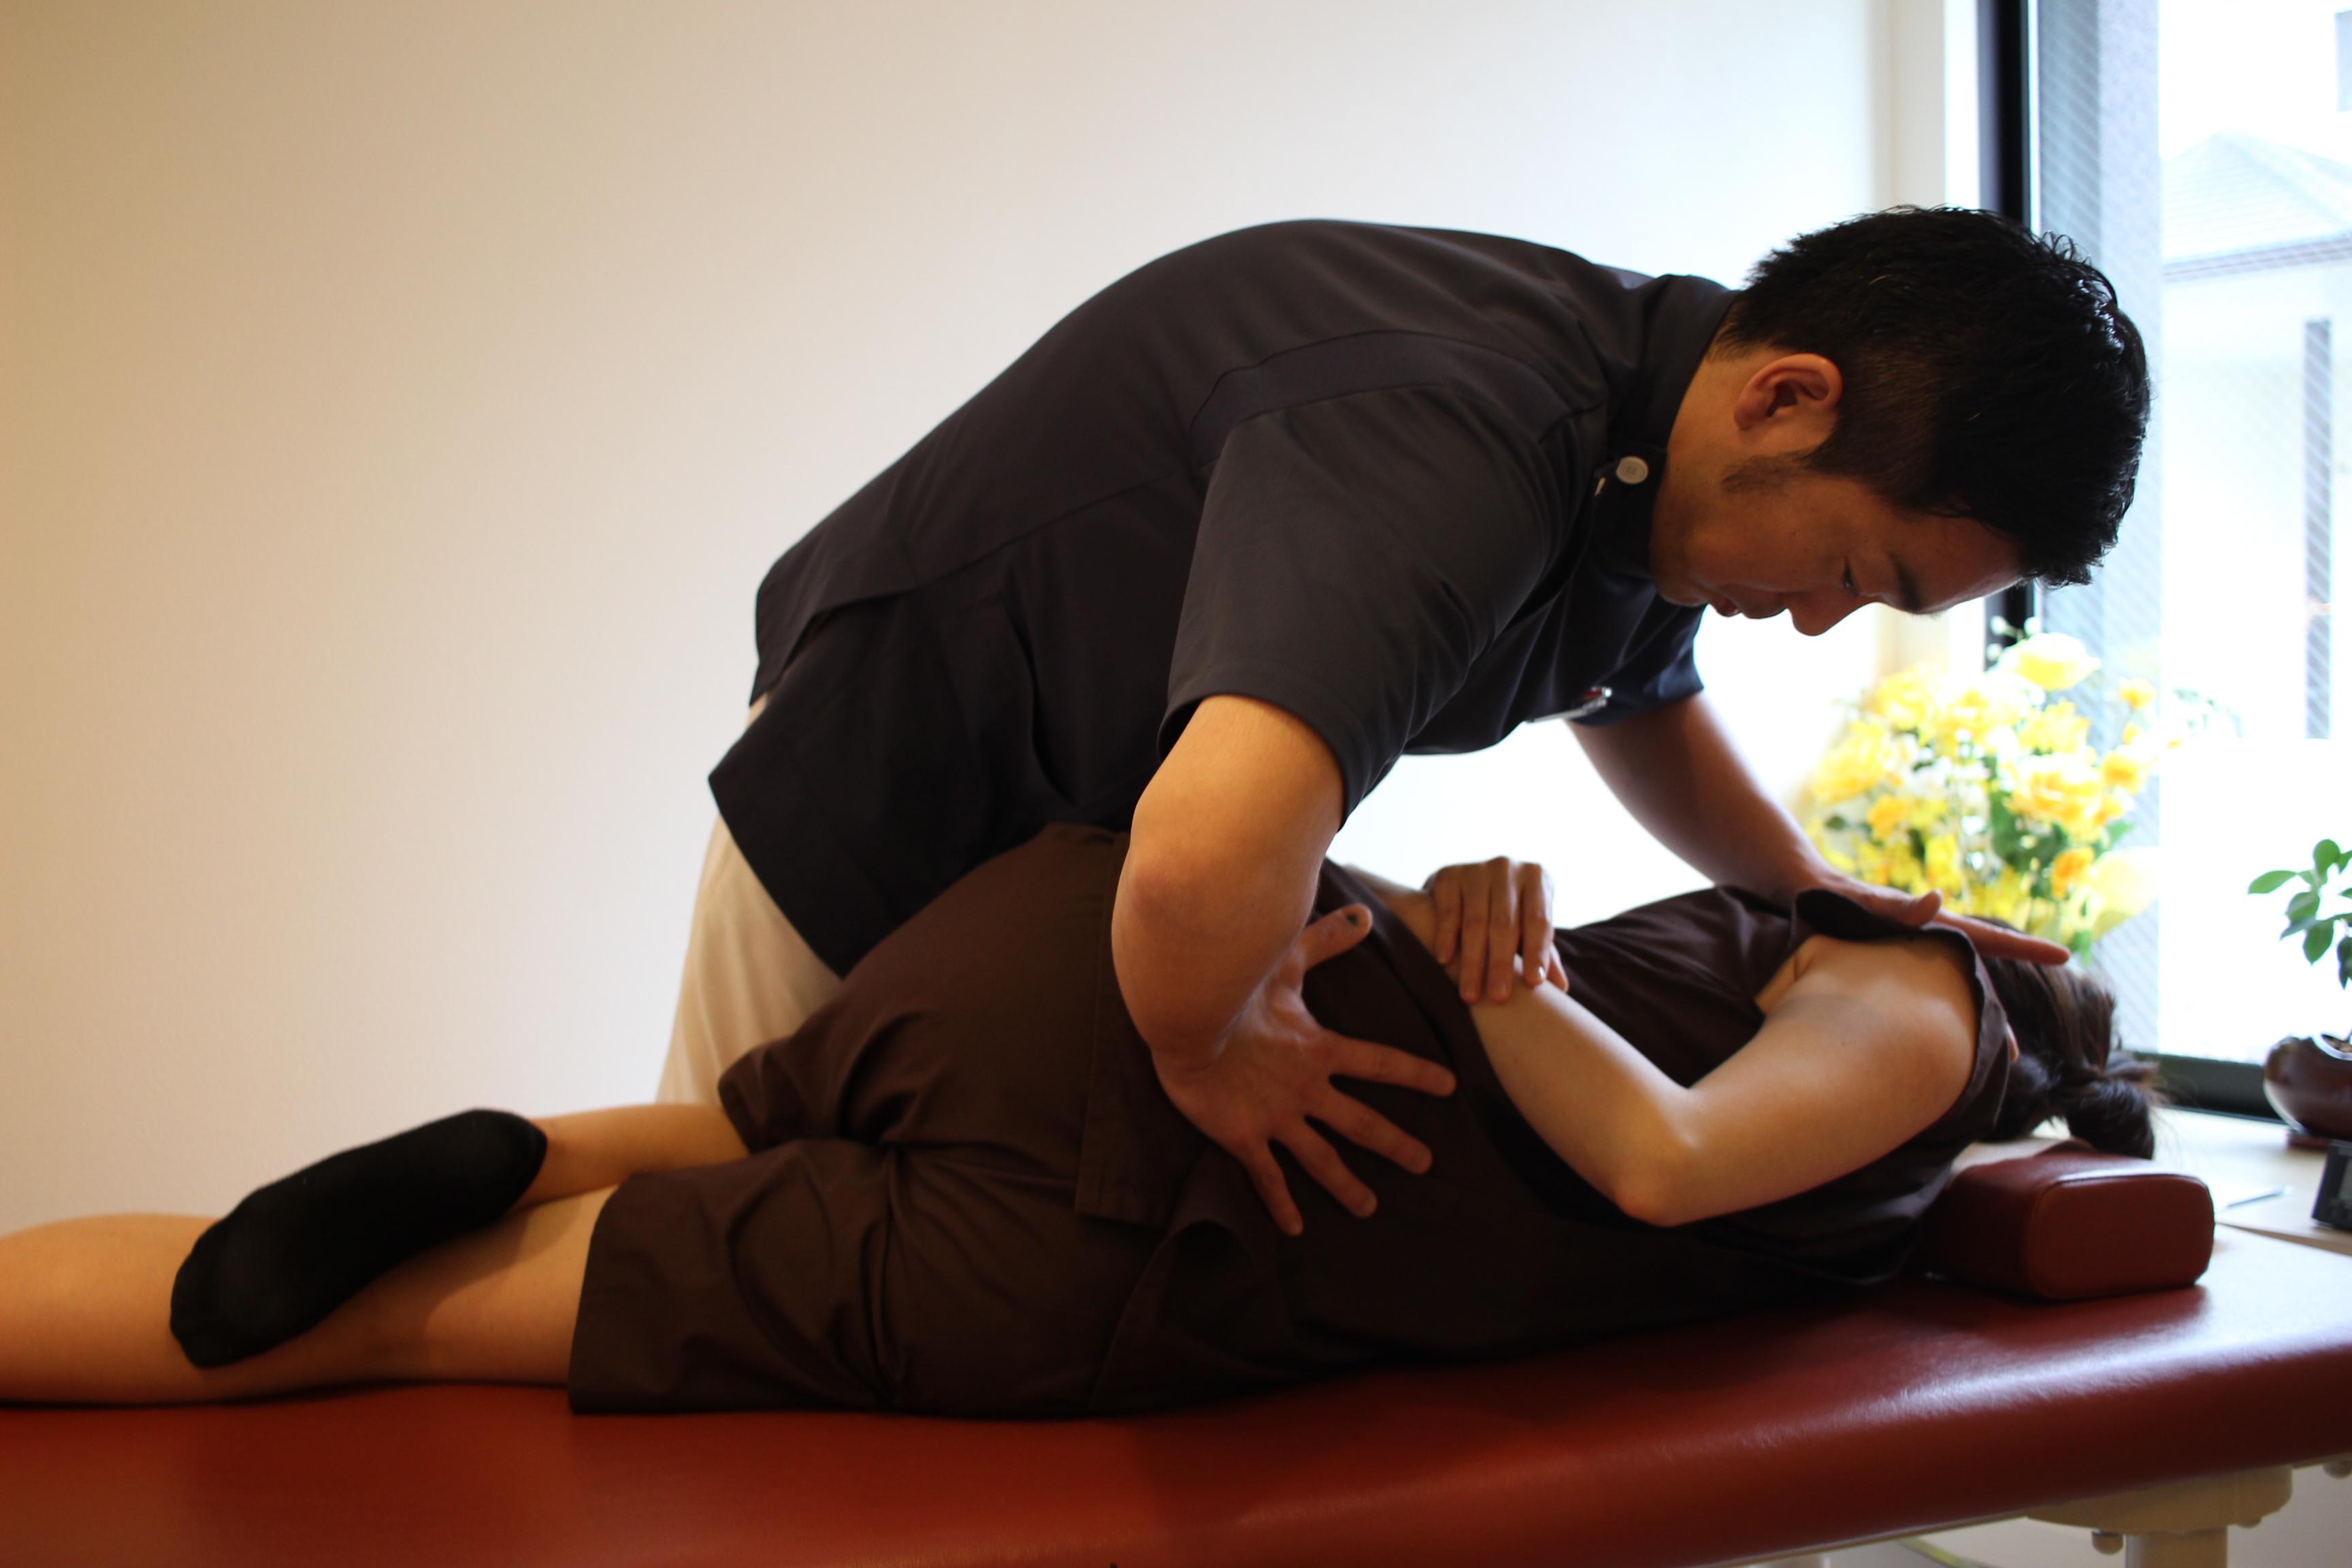 しびれの原因が腰・骨盤だった場合の横向きの矯正